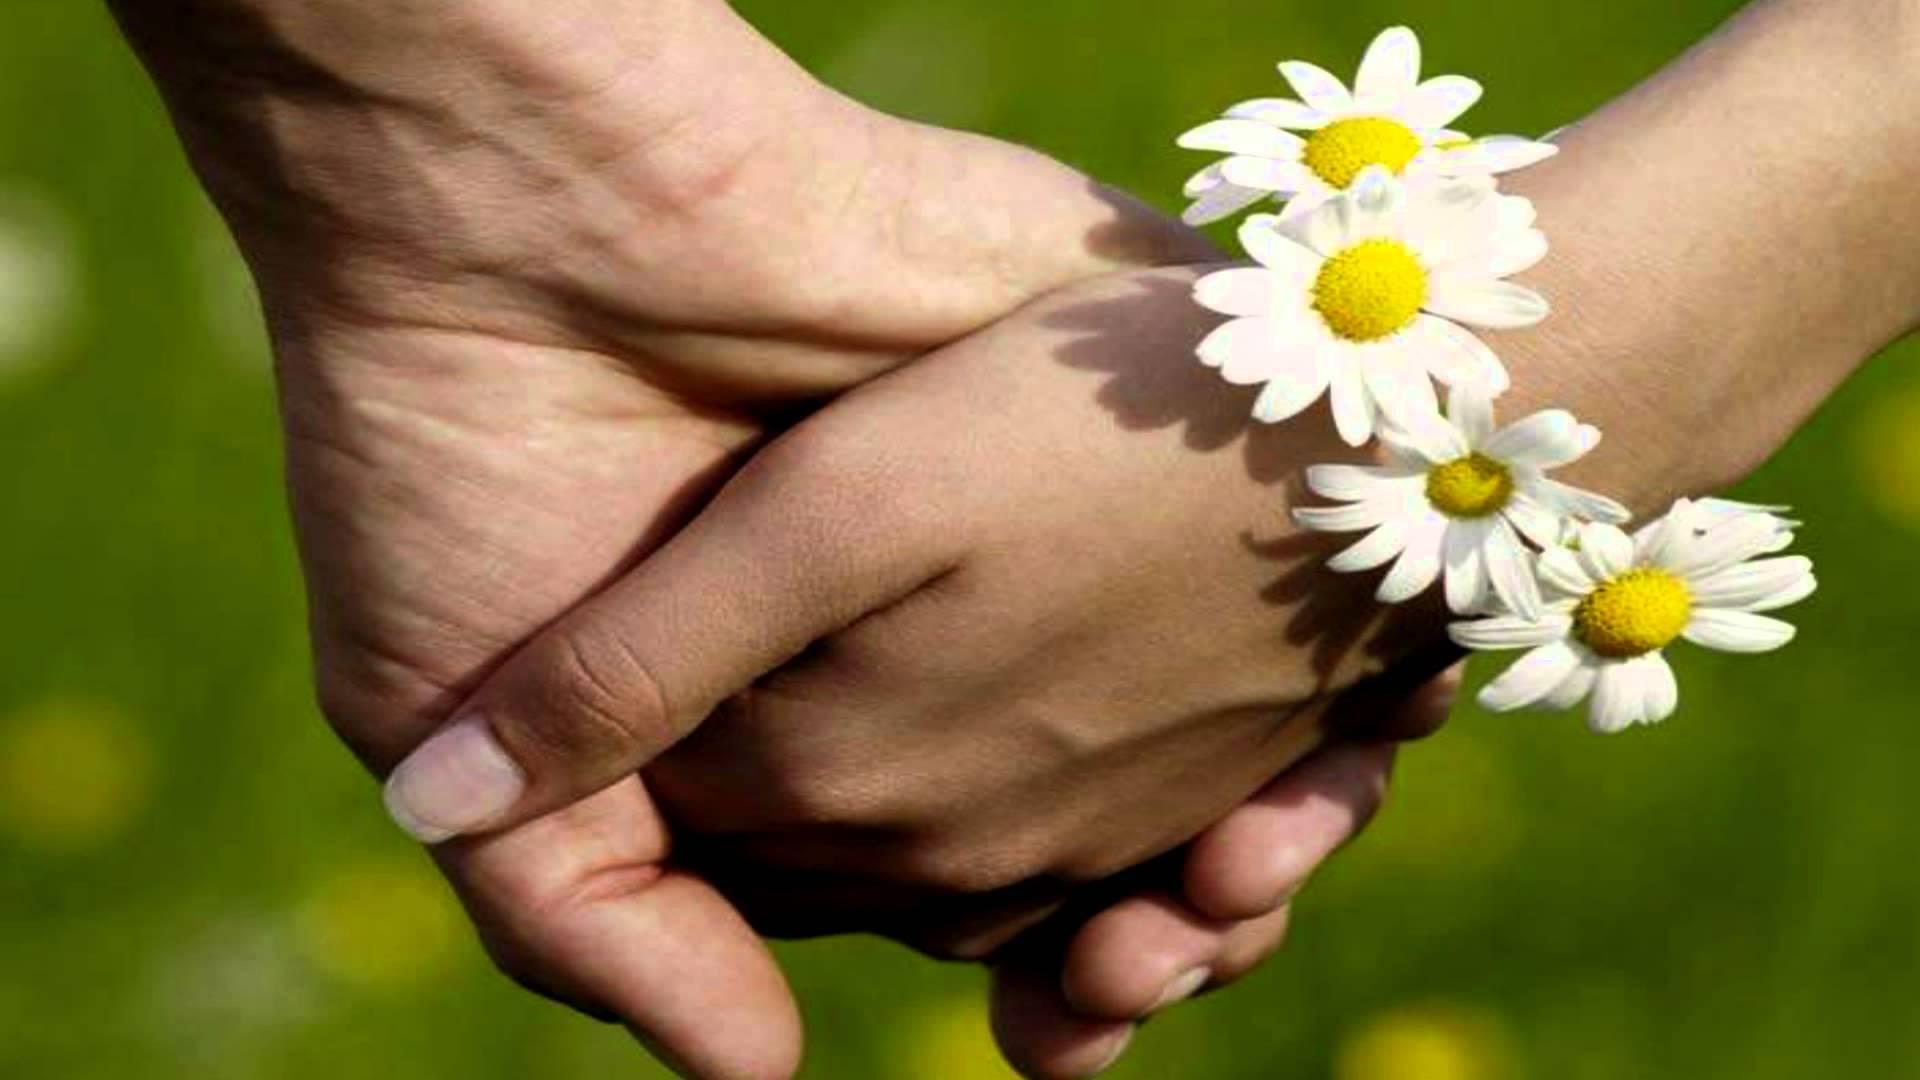 Праздник любви, семьи и верности в 2020 году: когда отмечается, традиции